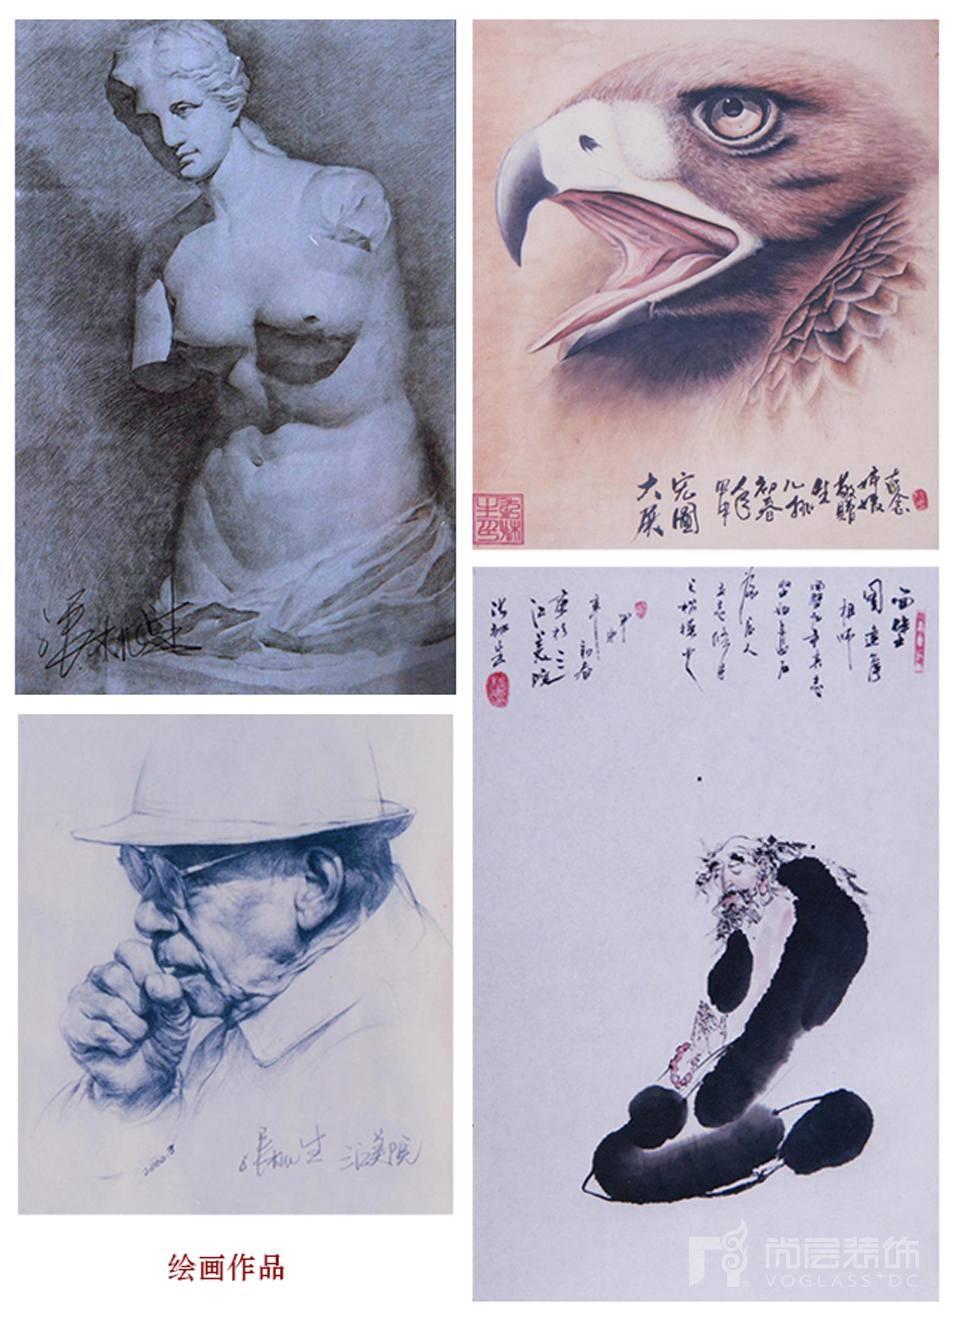 别墅装修设计师张桃生的绘画作品